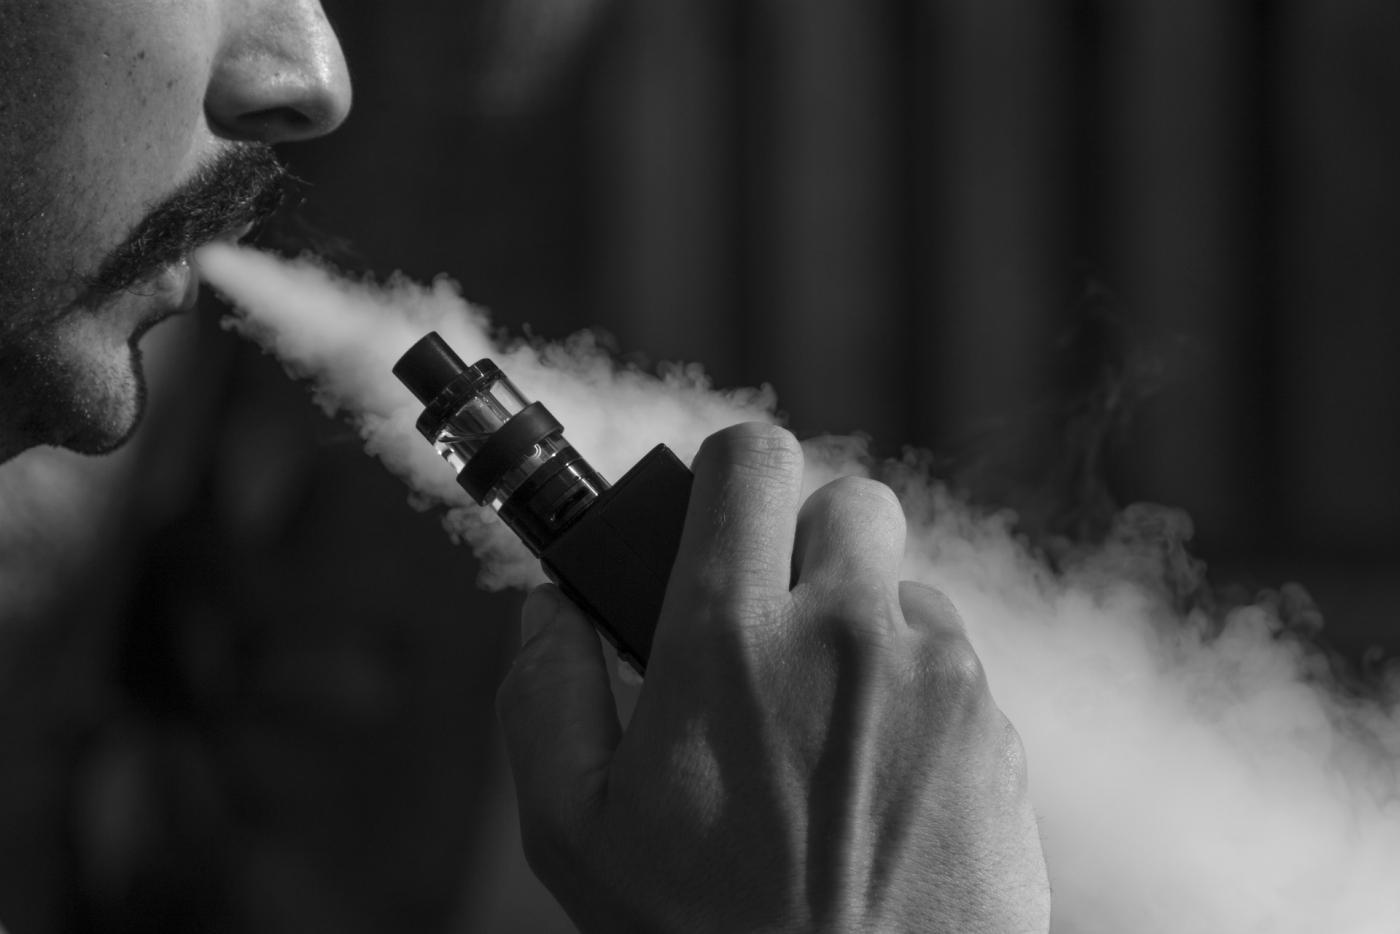 Waporyzator do marihuany - czym tak właściwie jest i gdzie się w niego zaopatrzyć?